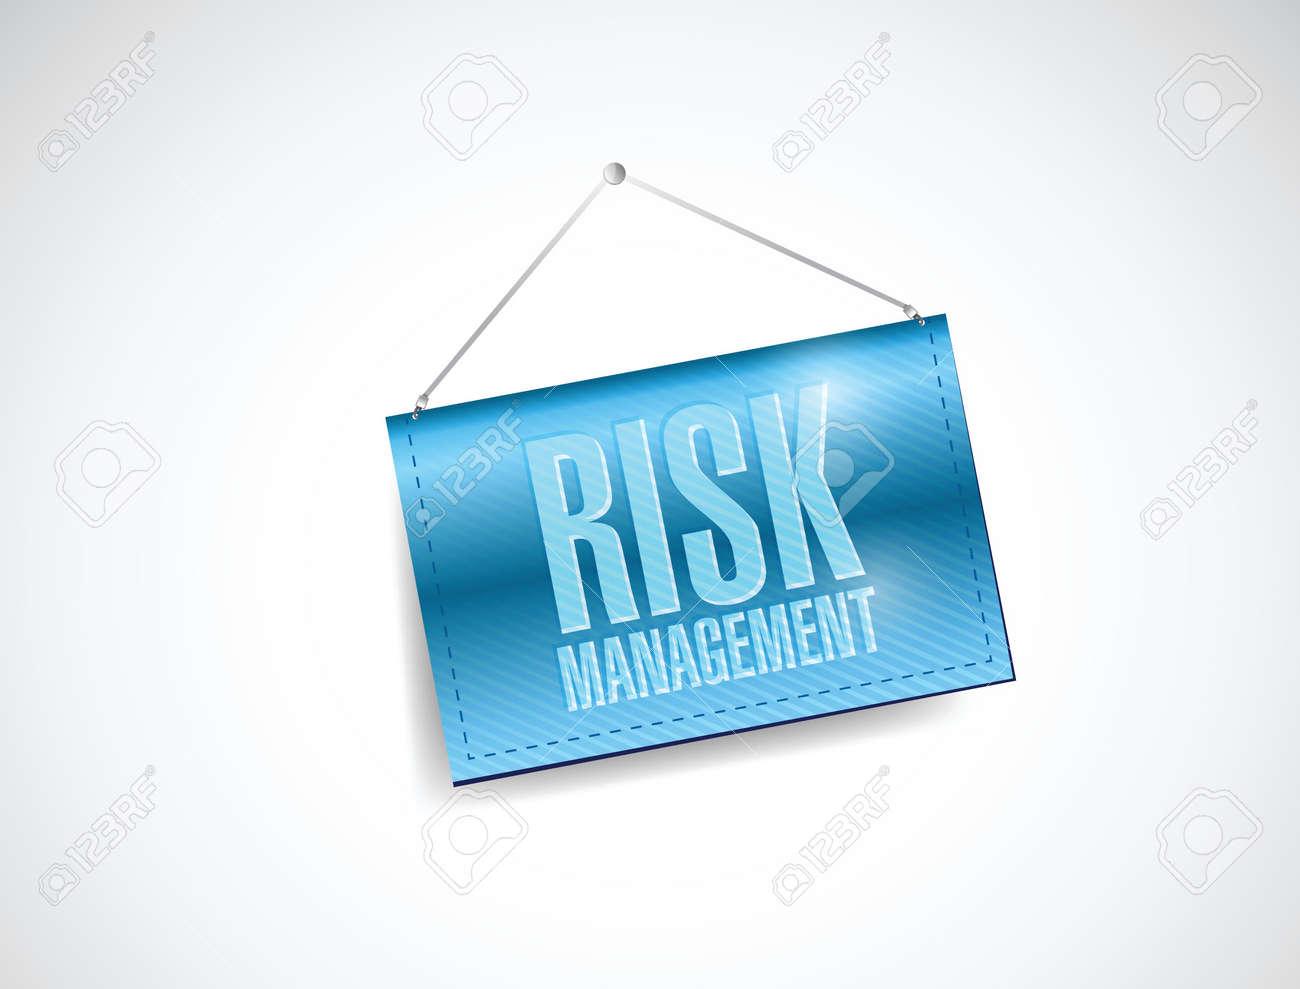 risk management blue business hanging banner illustration design over a white background Stock Vector - 23057905